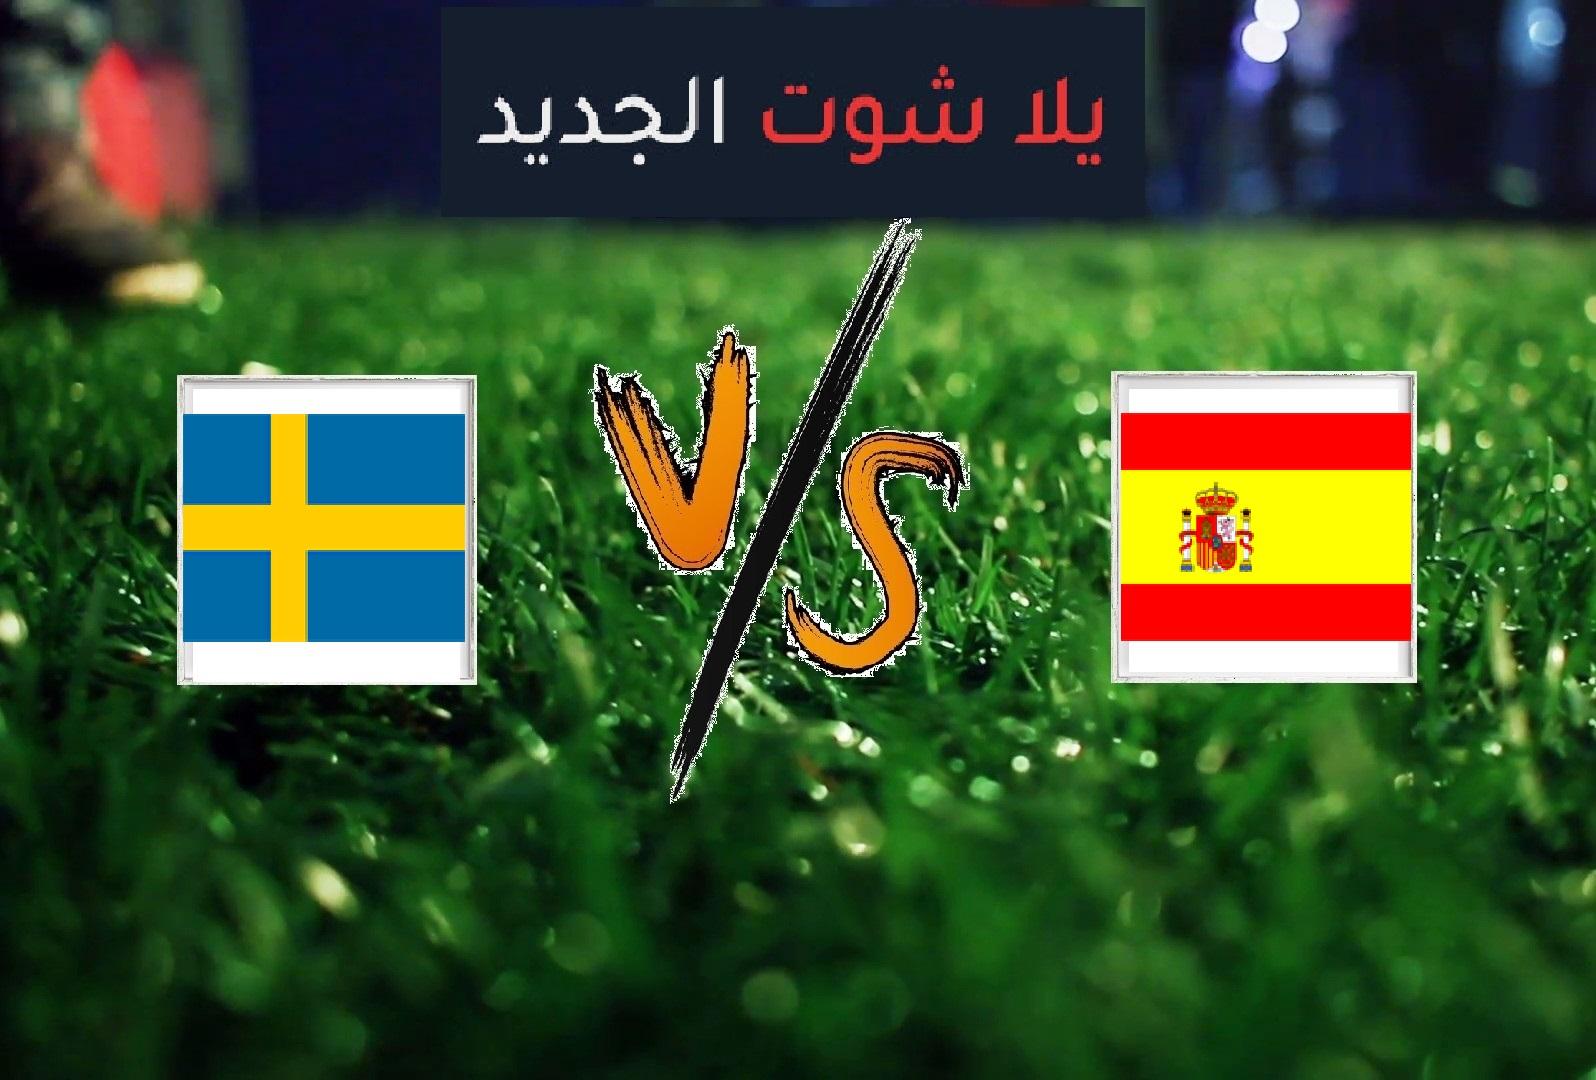 اسبانيا تفوز على السويد بثلاثية نظيفة في التصفيات المؤهلة ليورو 2020